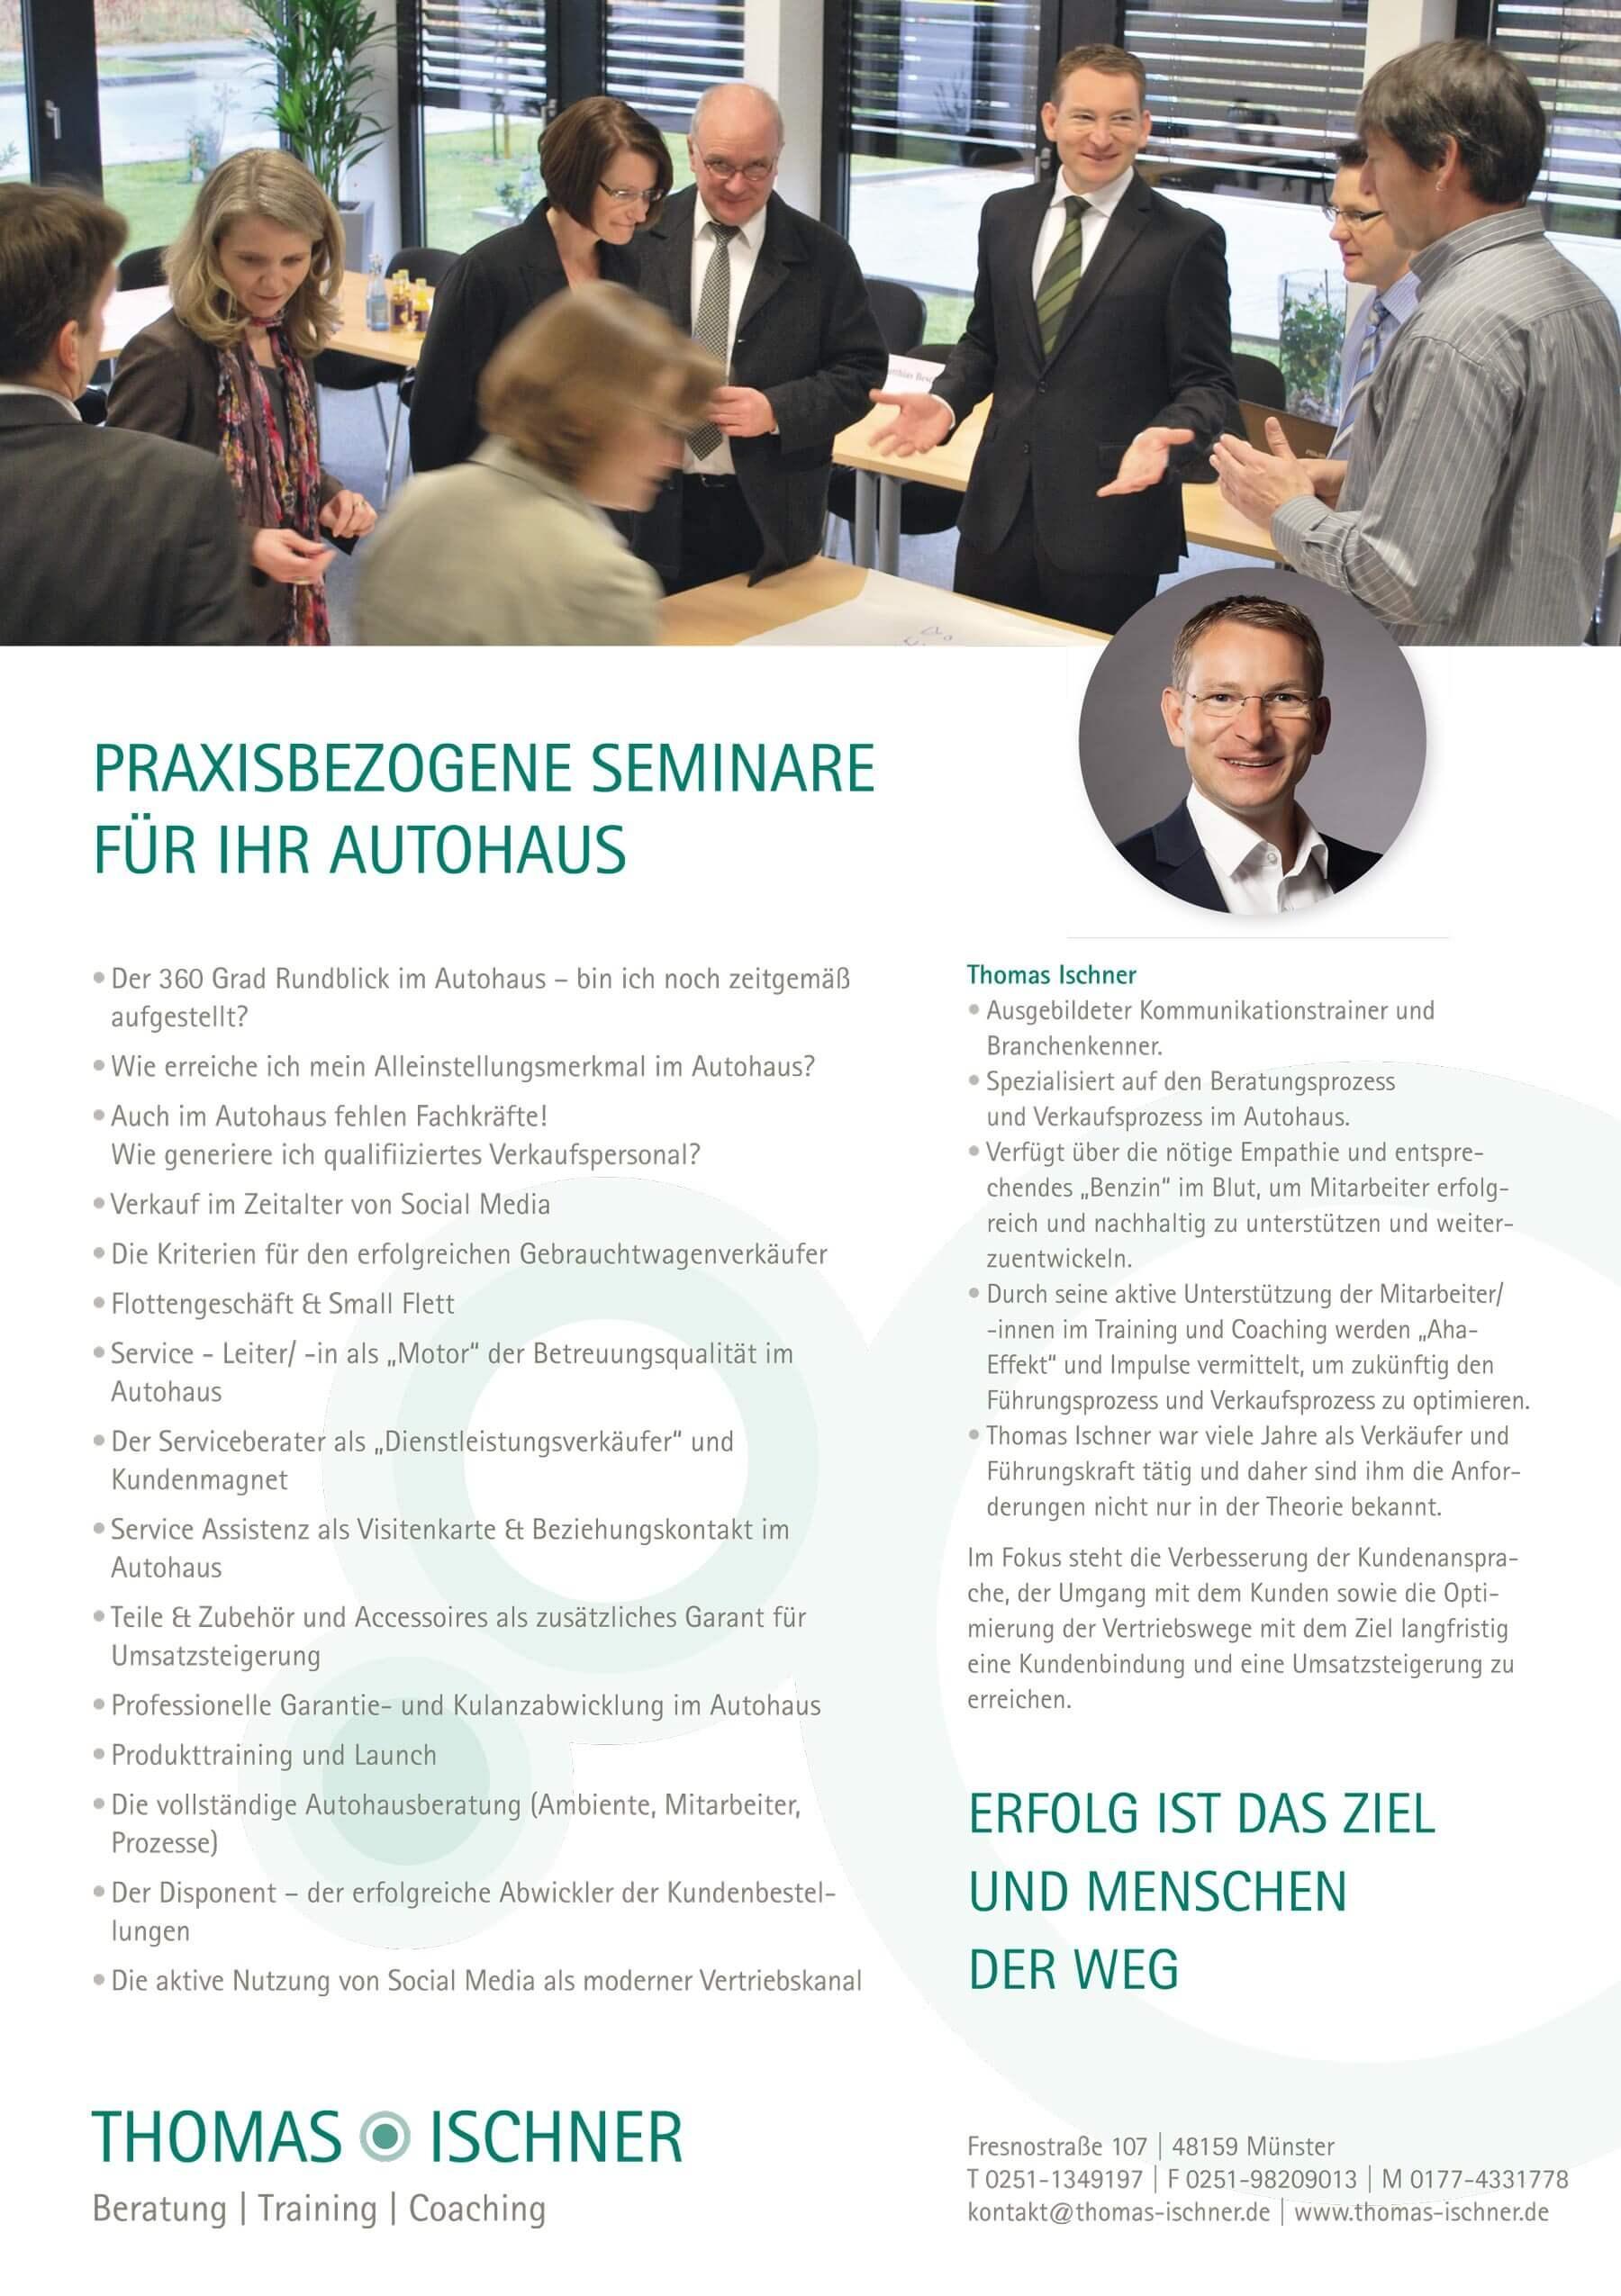 Austeller BfI -  Händlerkongress und Fahrzeugmesse des BfI